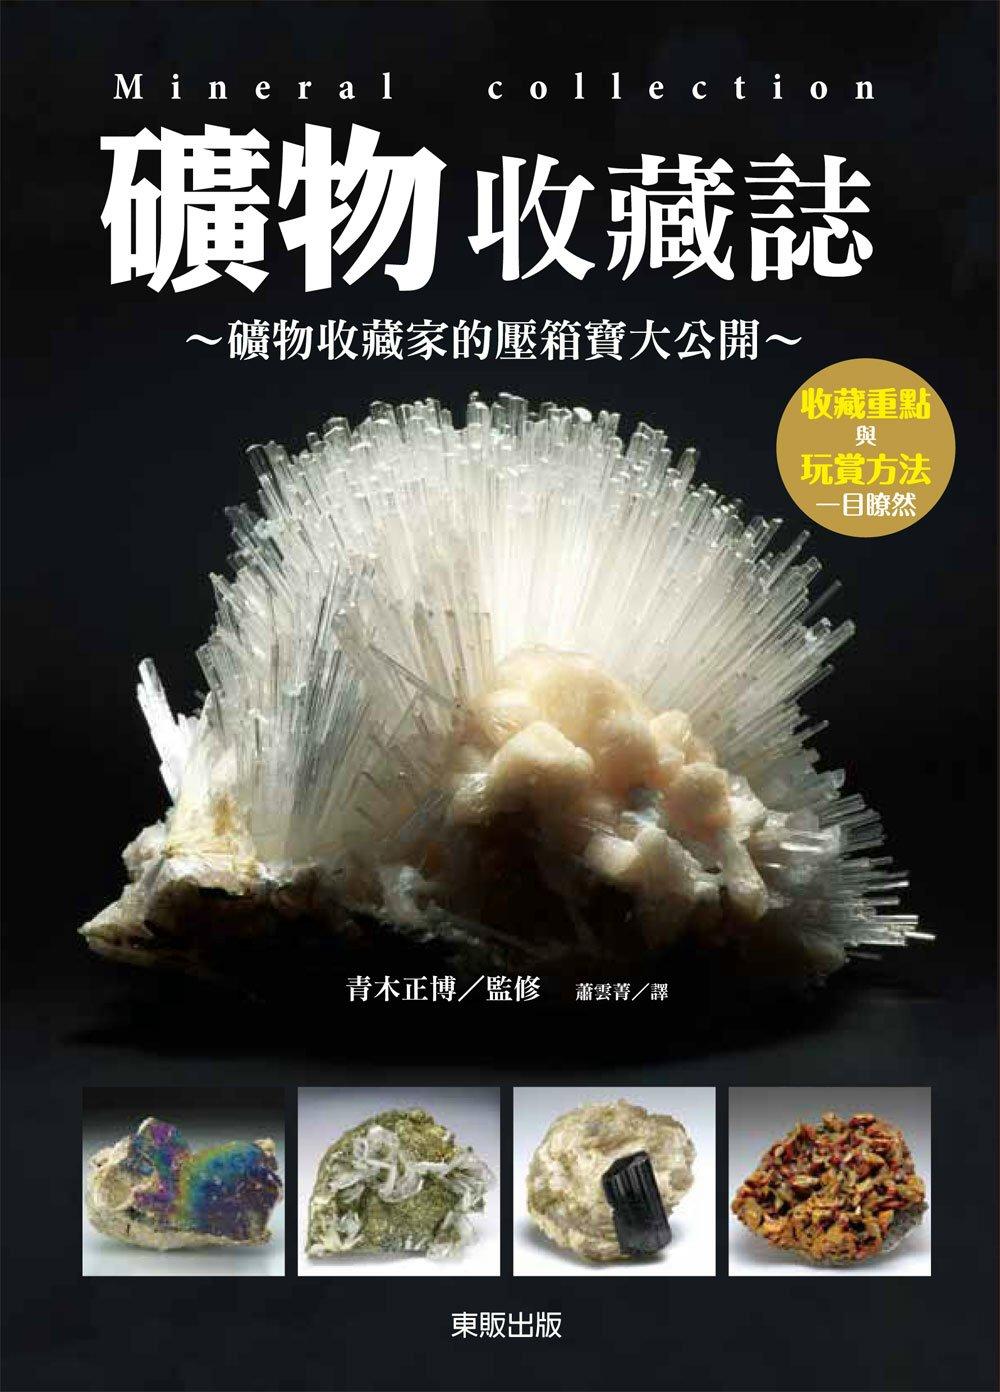 礦物收藏誌:礦物收藏家的壓箱寶大公開